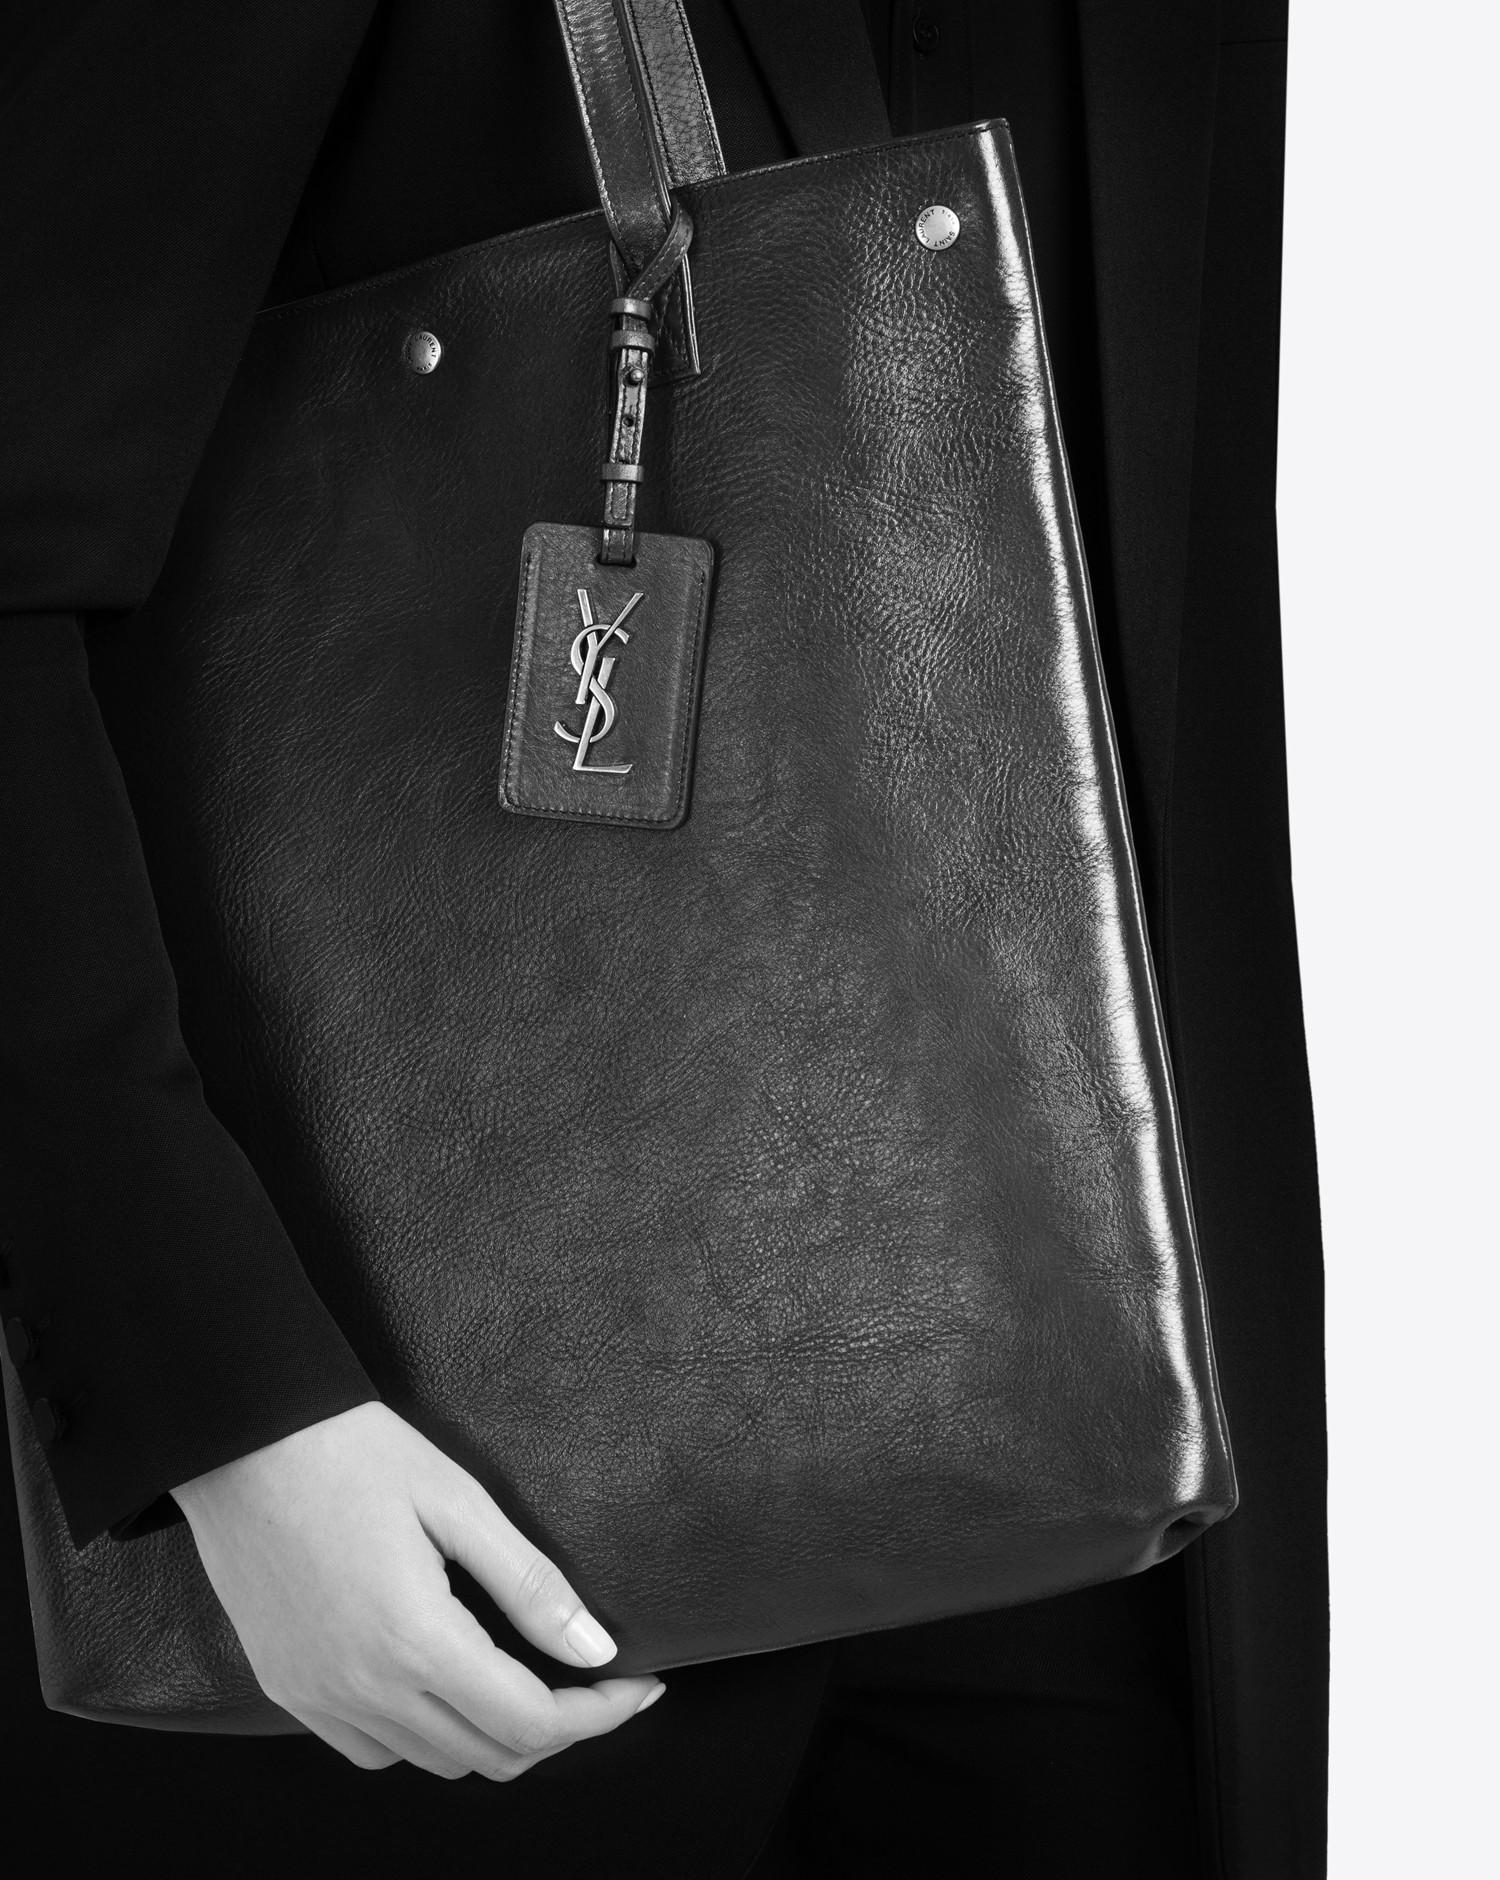 b955bda447 Lyst - Saint Laurent Noe Flat Shopping Bag In Black Moroder Leather ...